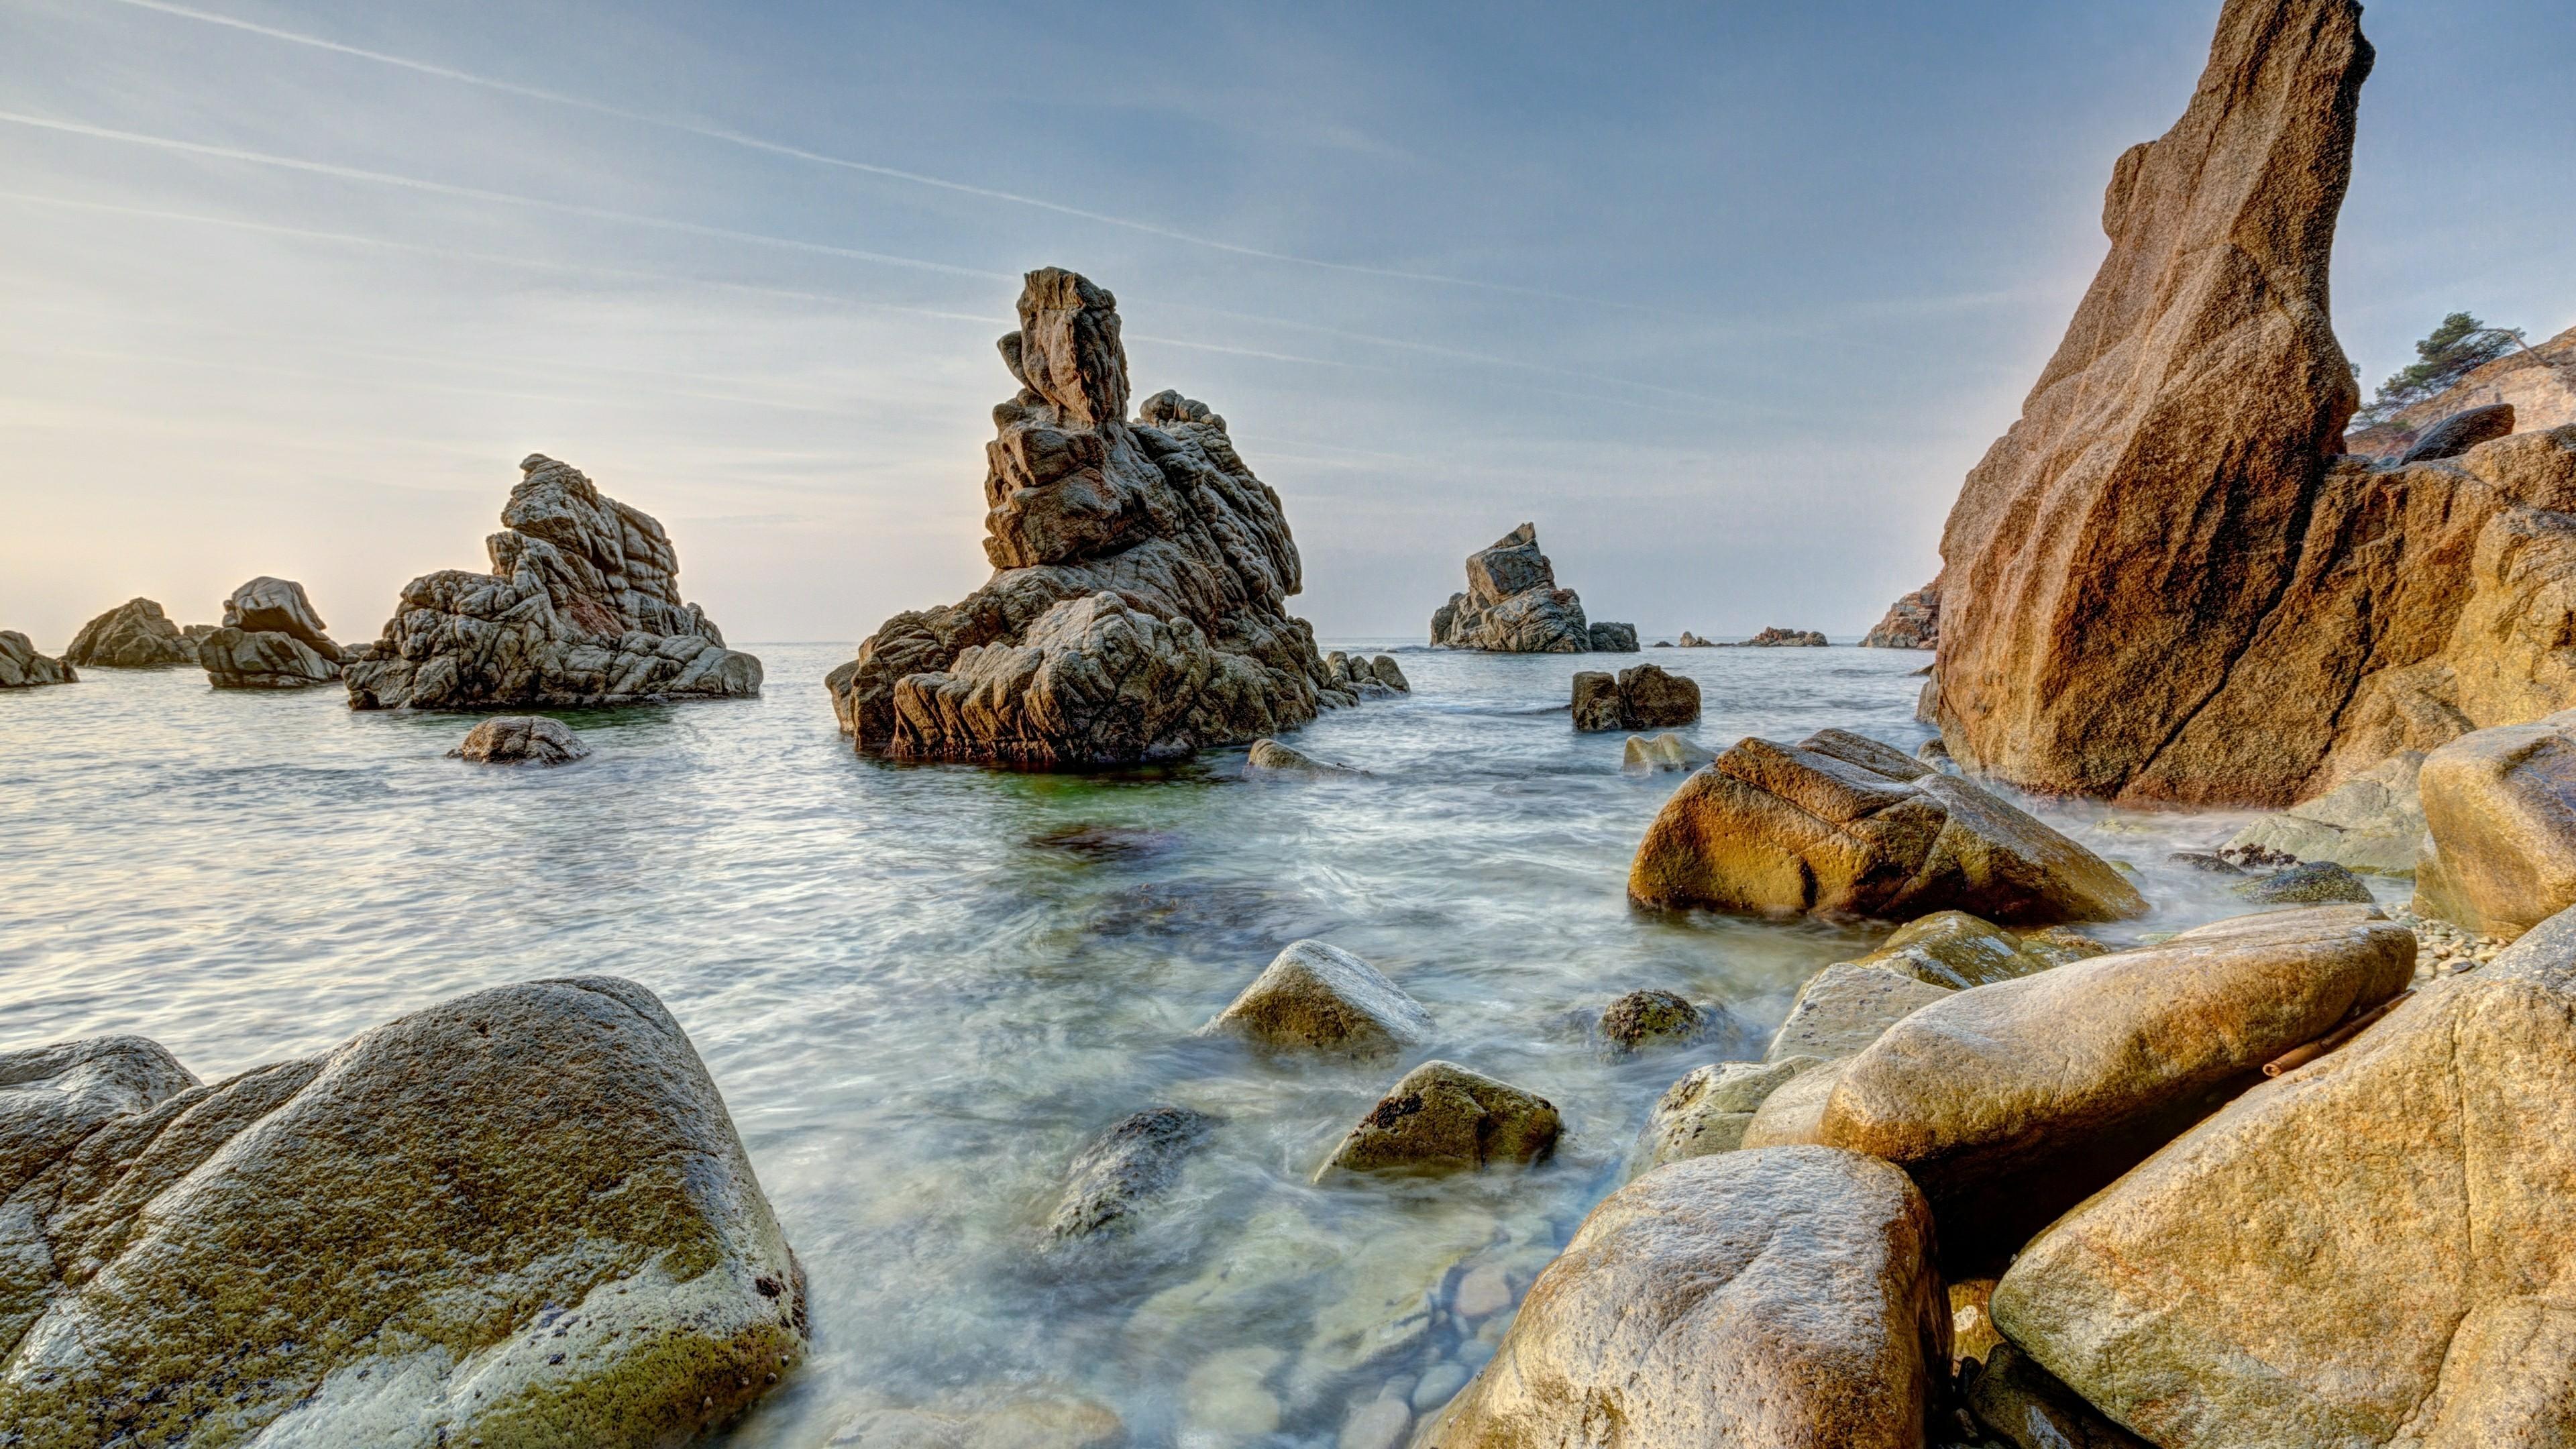 Outcrop boulders at Cala dels Frares wallpaper